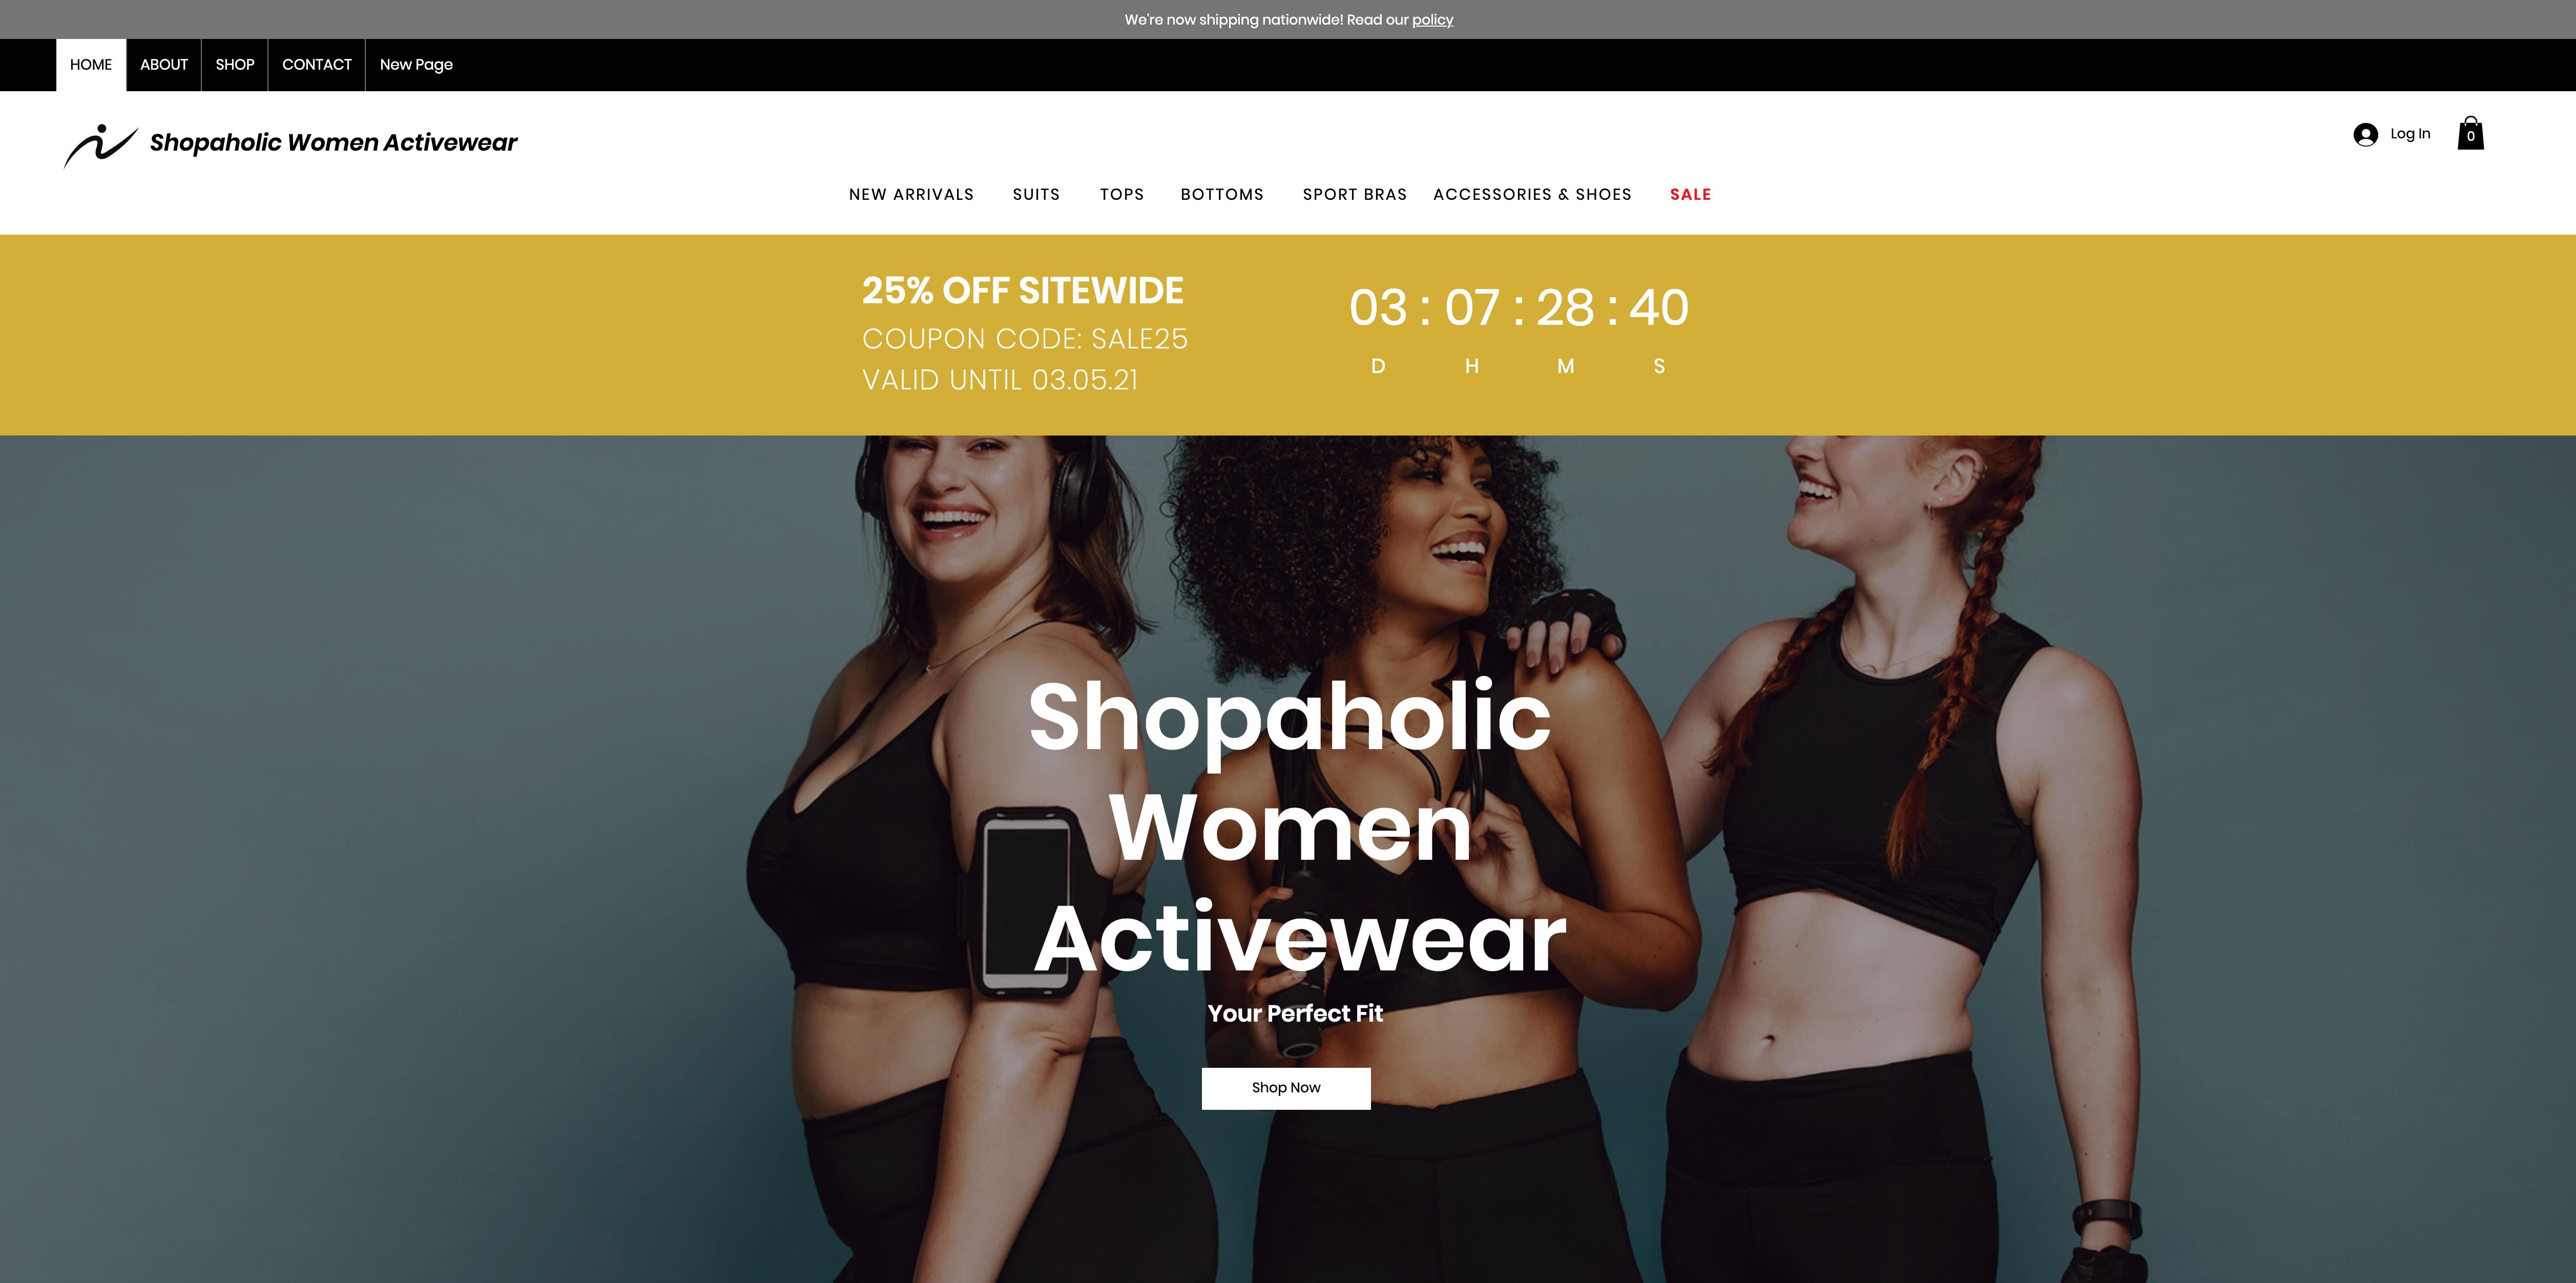 Shopaholic Women Activewear